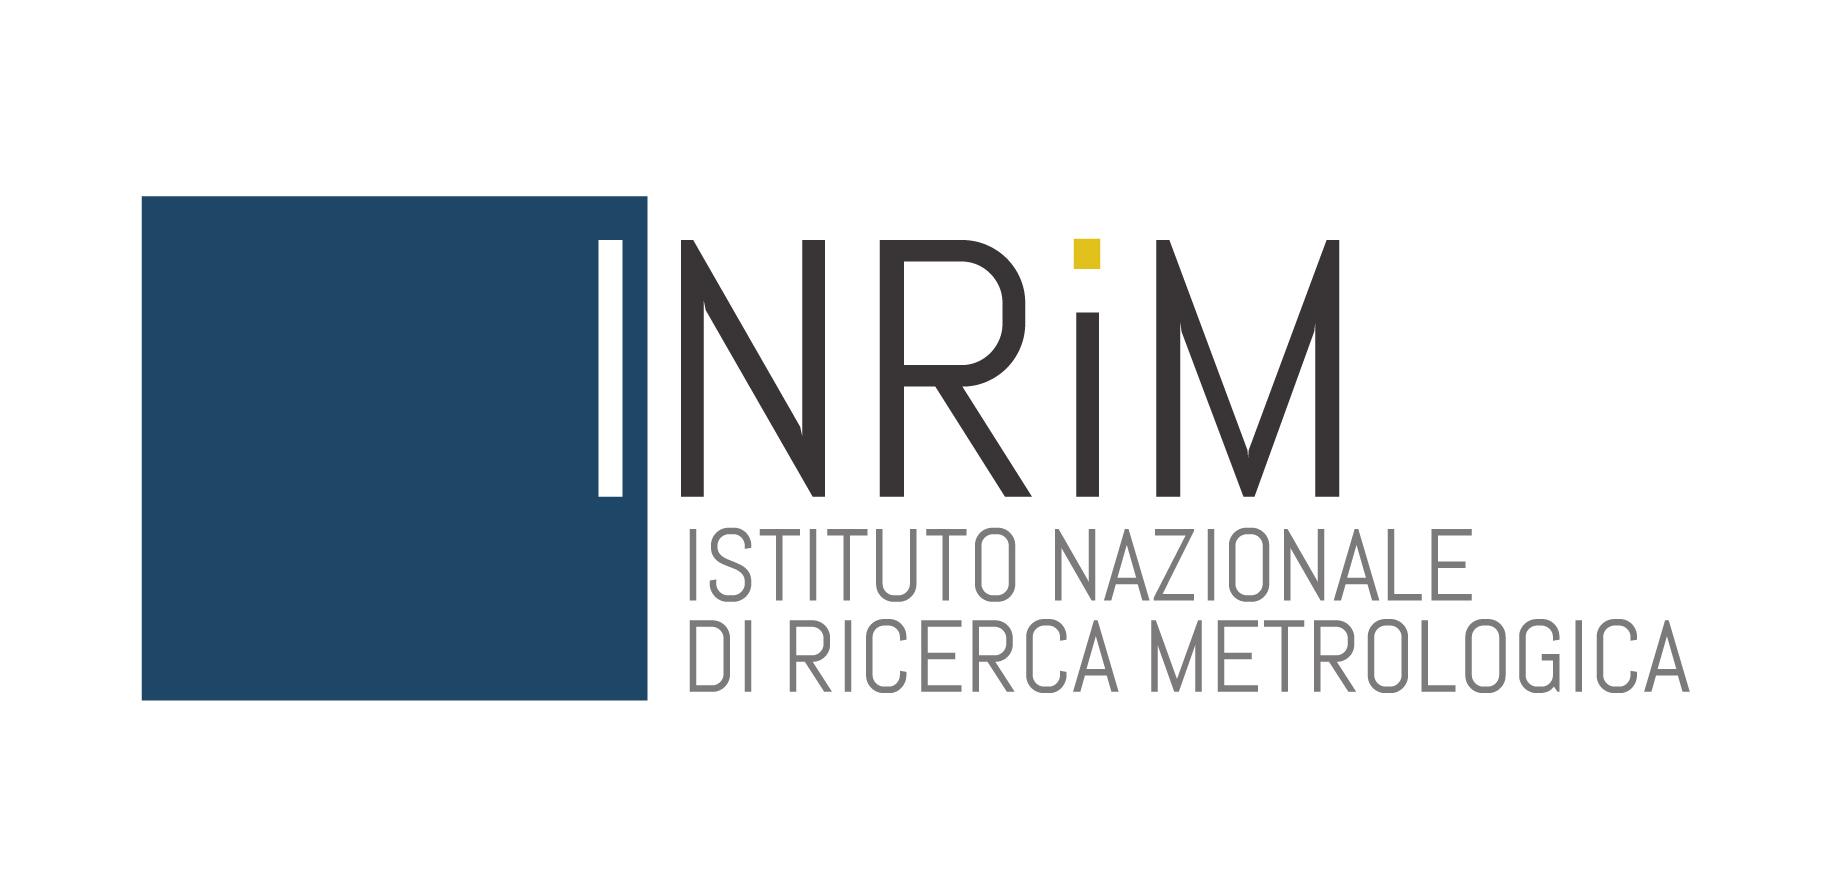 INRiM - Istituto Nazionale di Ricerca Metrologica